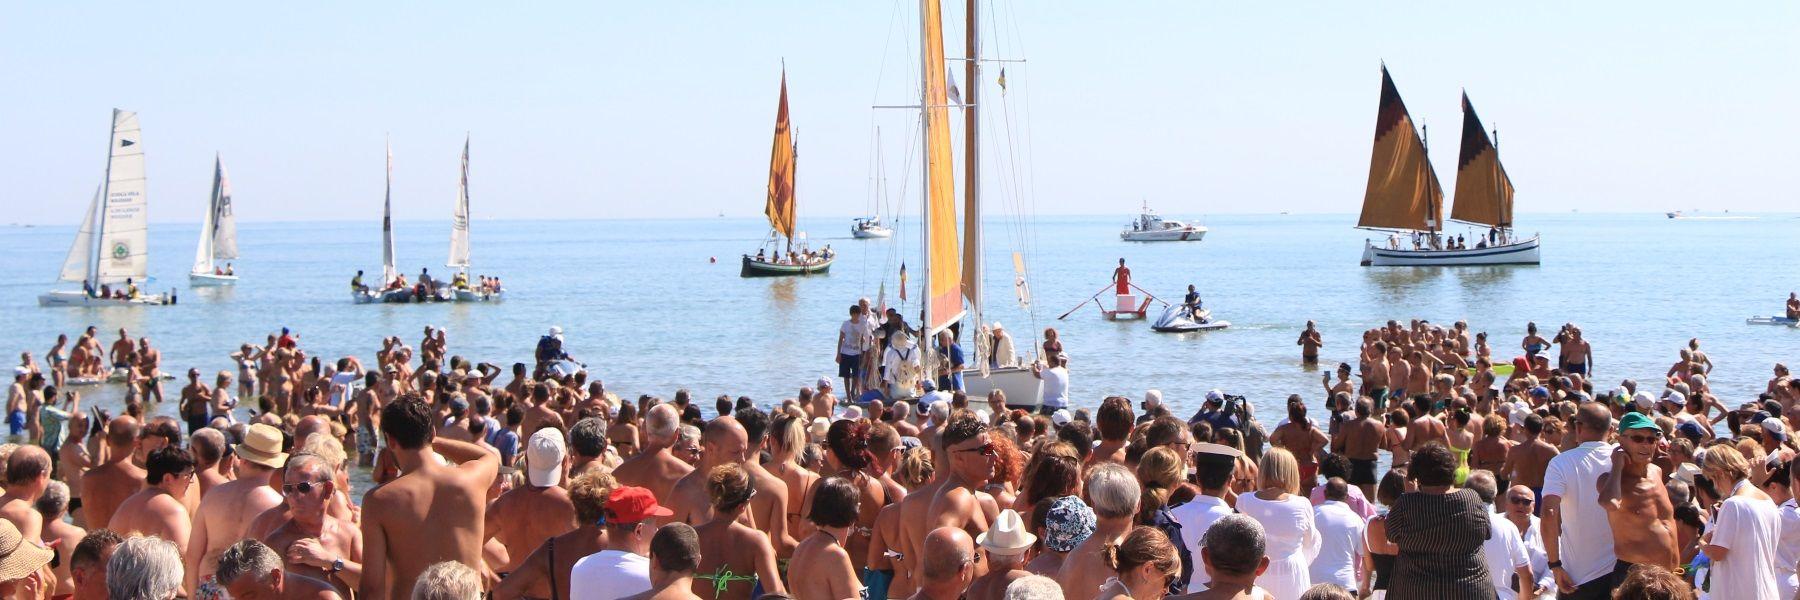 Cervia, der Strand liebt das Buch - Ferragosto mit den Autoren